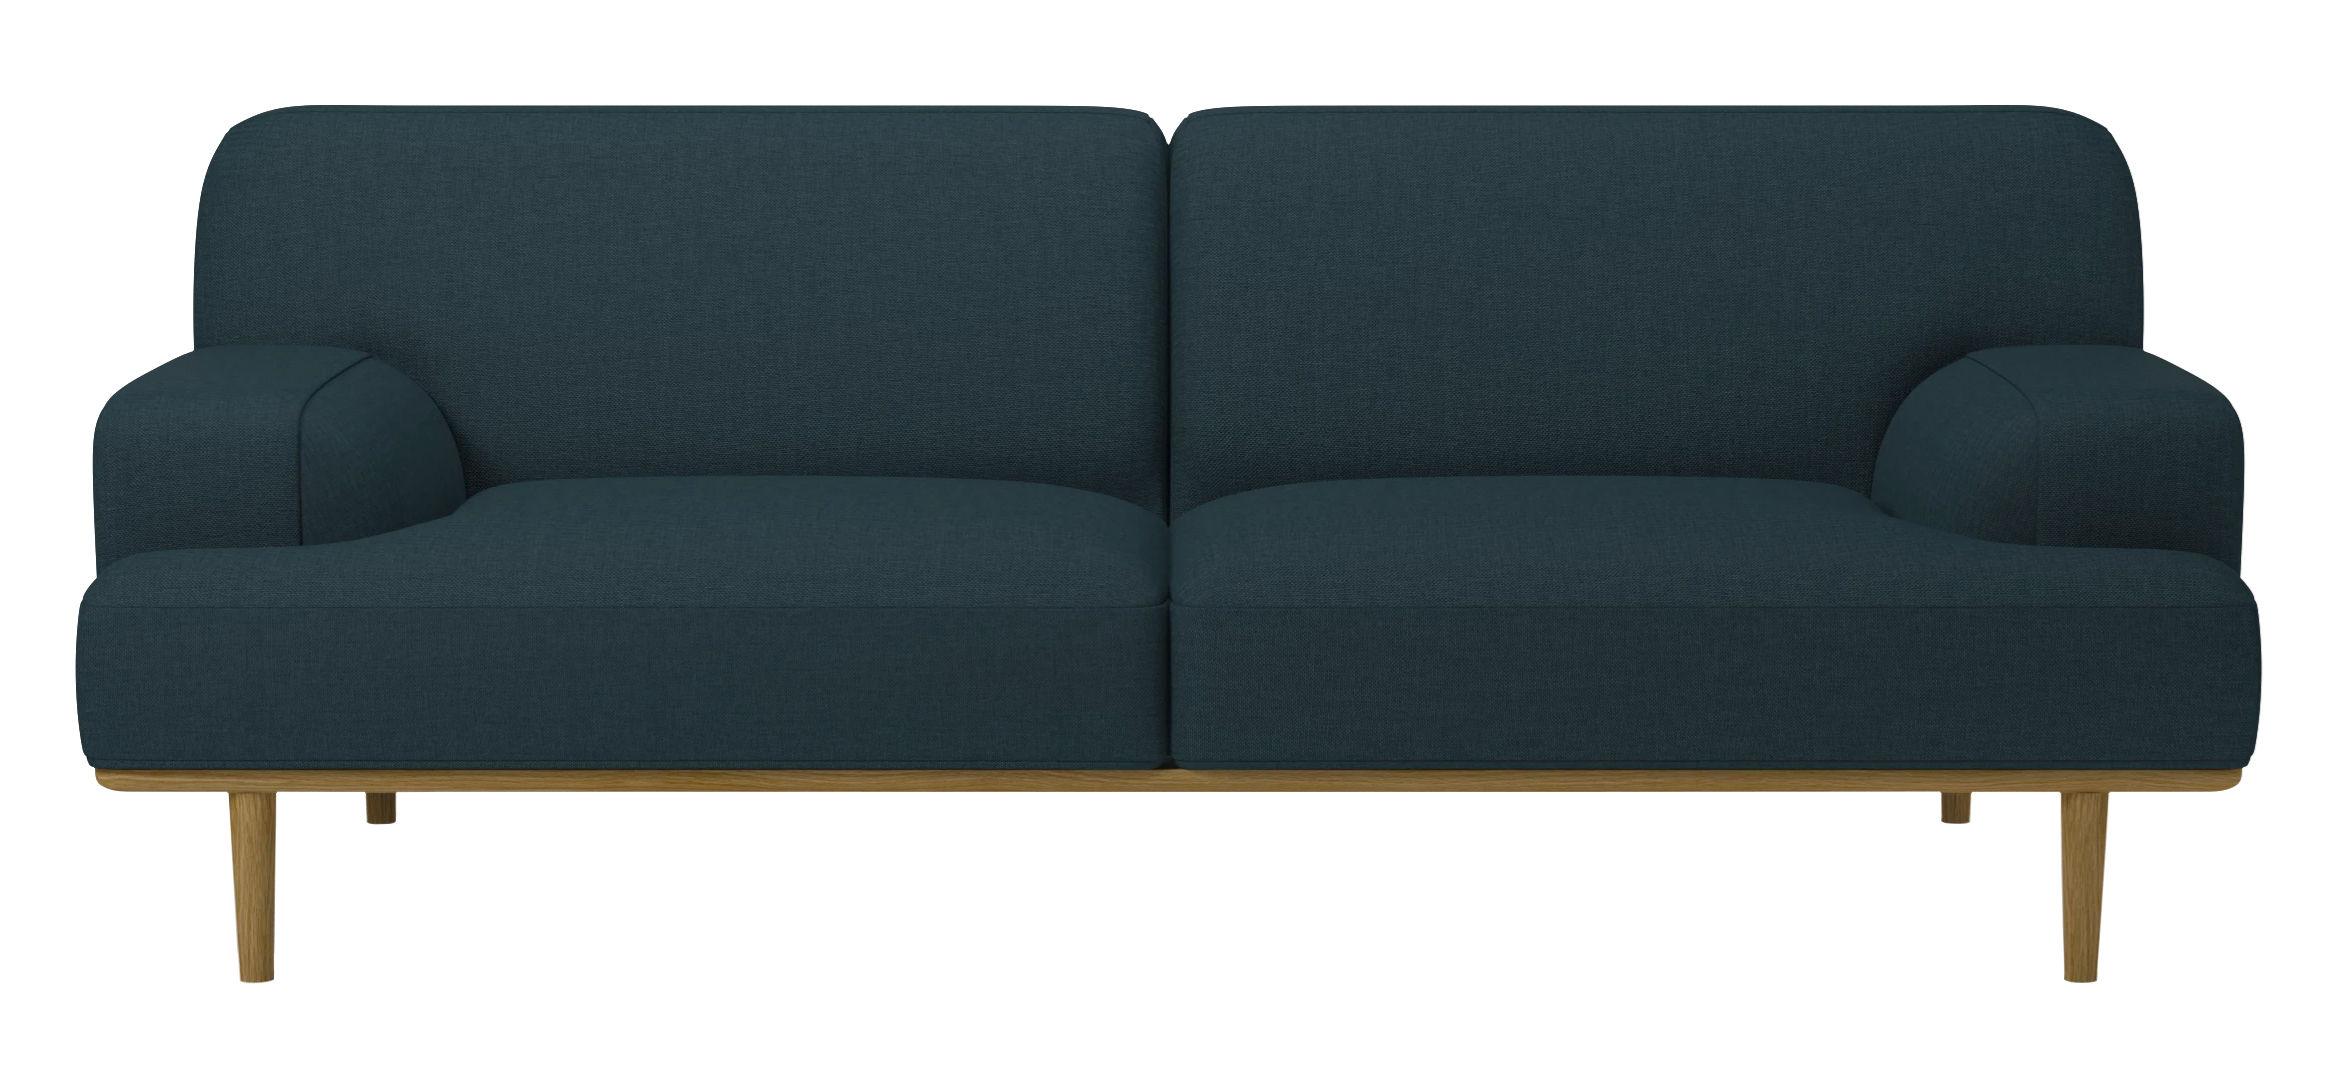 Arredamento - Divani moderni - Divano destro Madison - Tessuto / 2½ posti - L 204 cm di Bolia - Blu petrolio - Mousse haute densité, Rovere, Tessuto